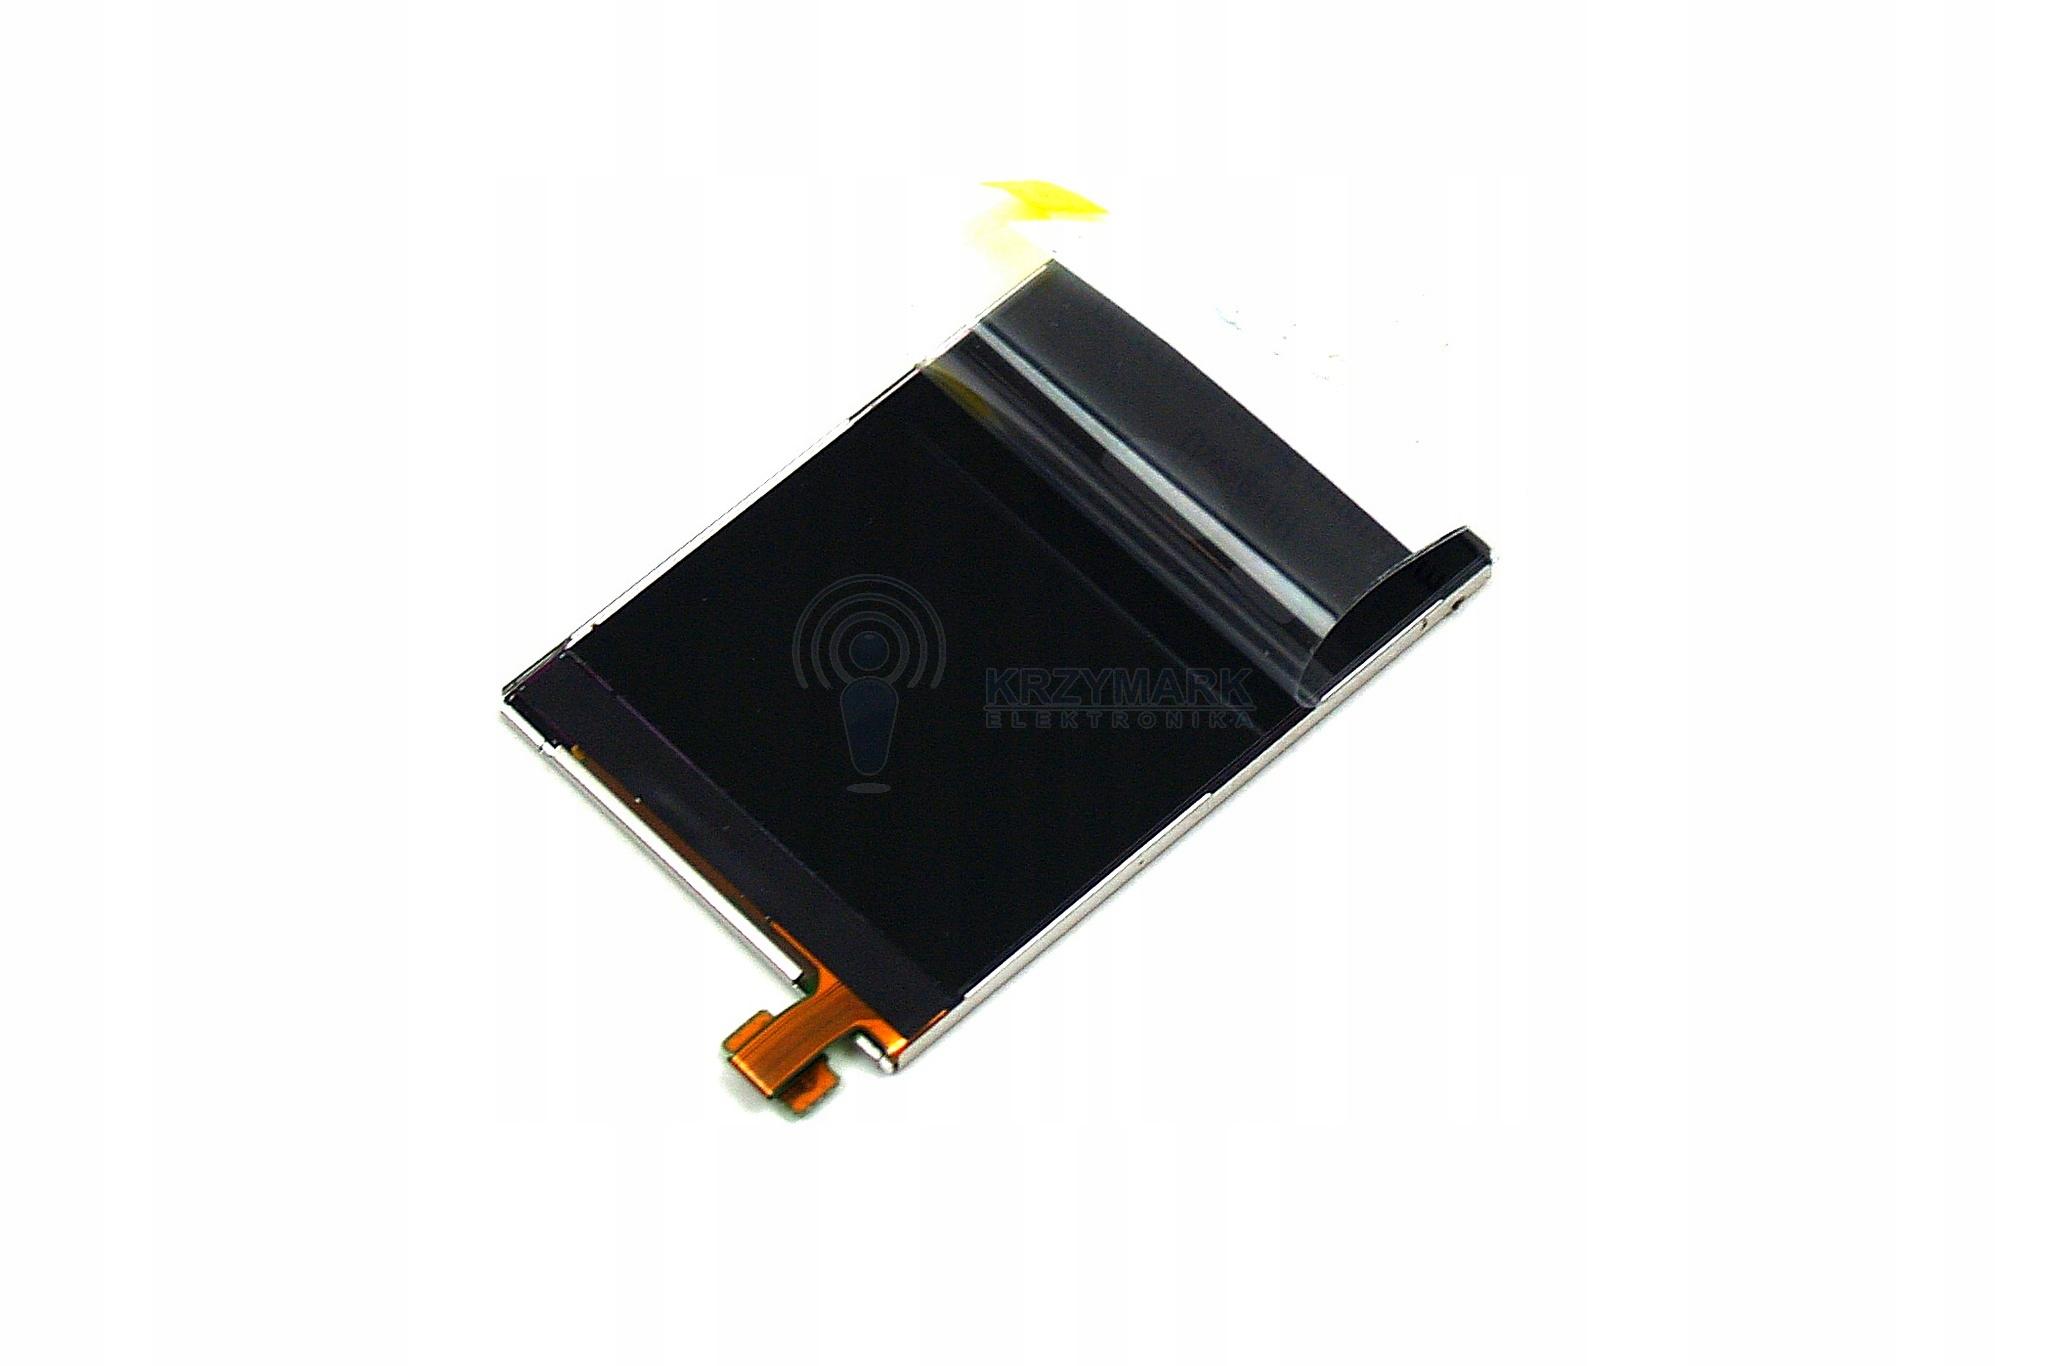 WYŚWIETLACZ EKRAN LCD NOKIA C3-01 X3-02 2710 X2 C5